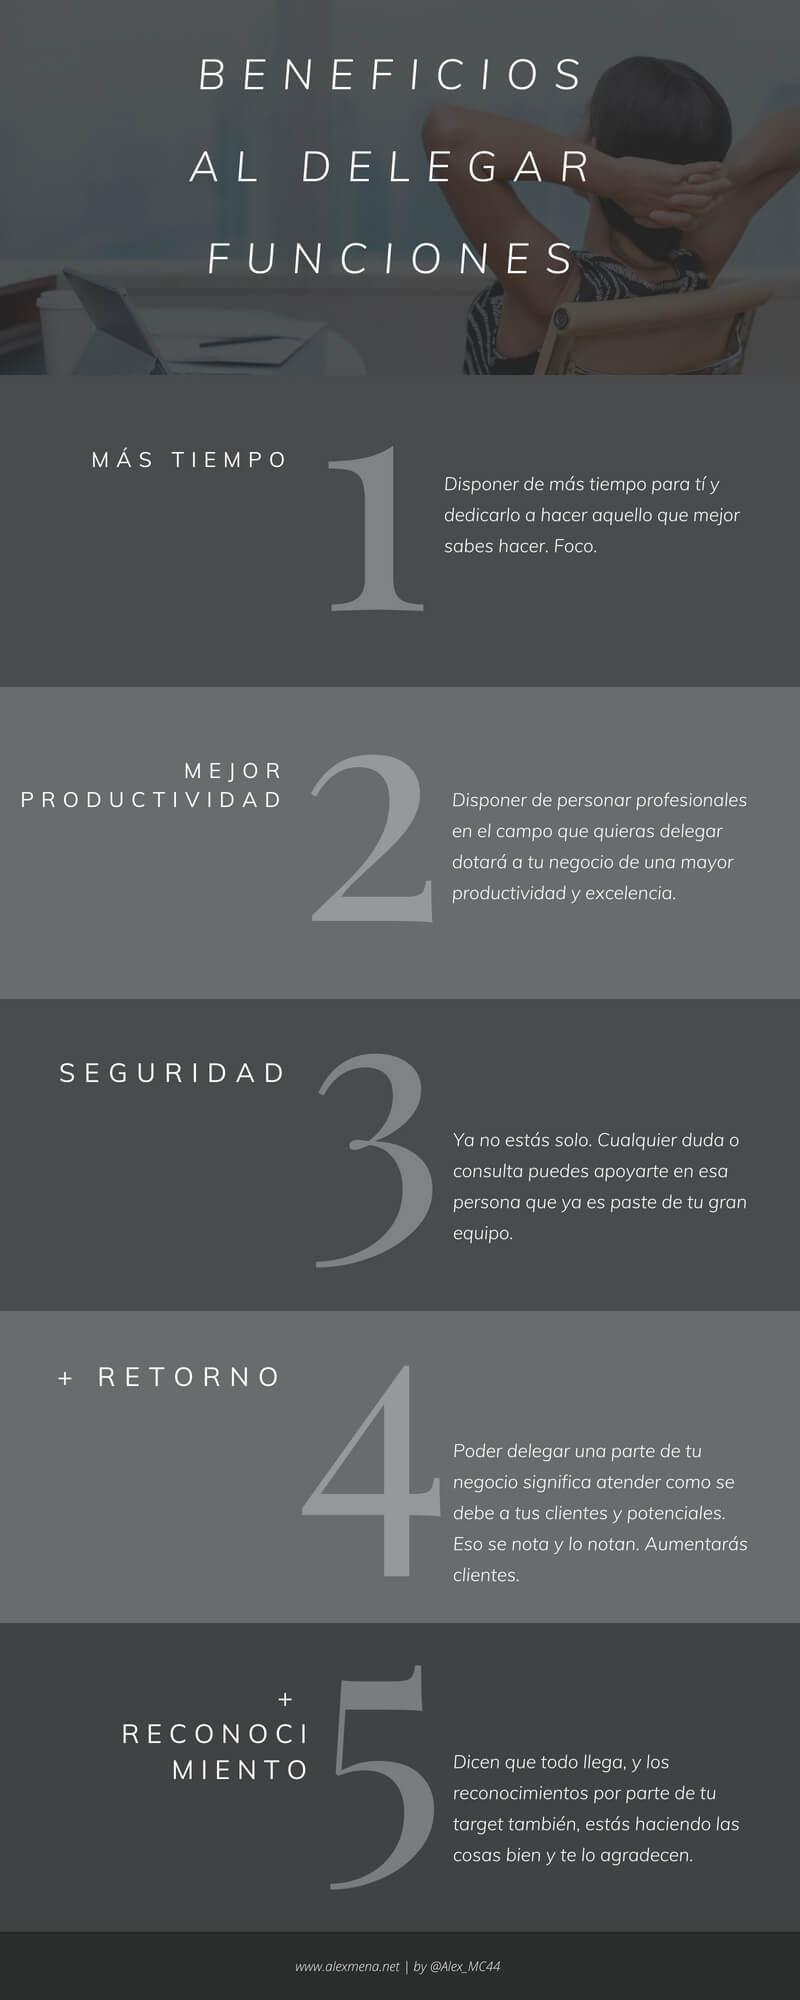 Infografía de 5 beneficios al delegar tareas, funciones y responsabilidades - Alex Mena consultor de marketing digital en Blanes